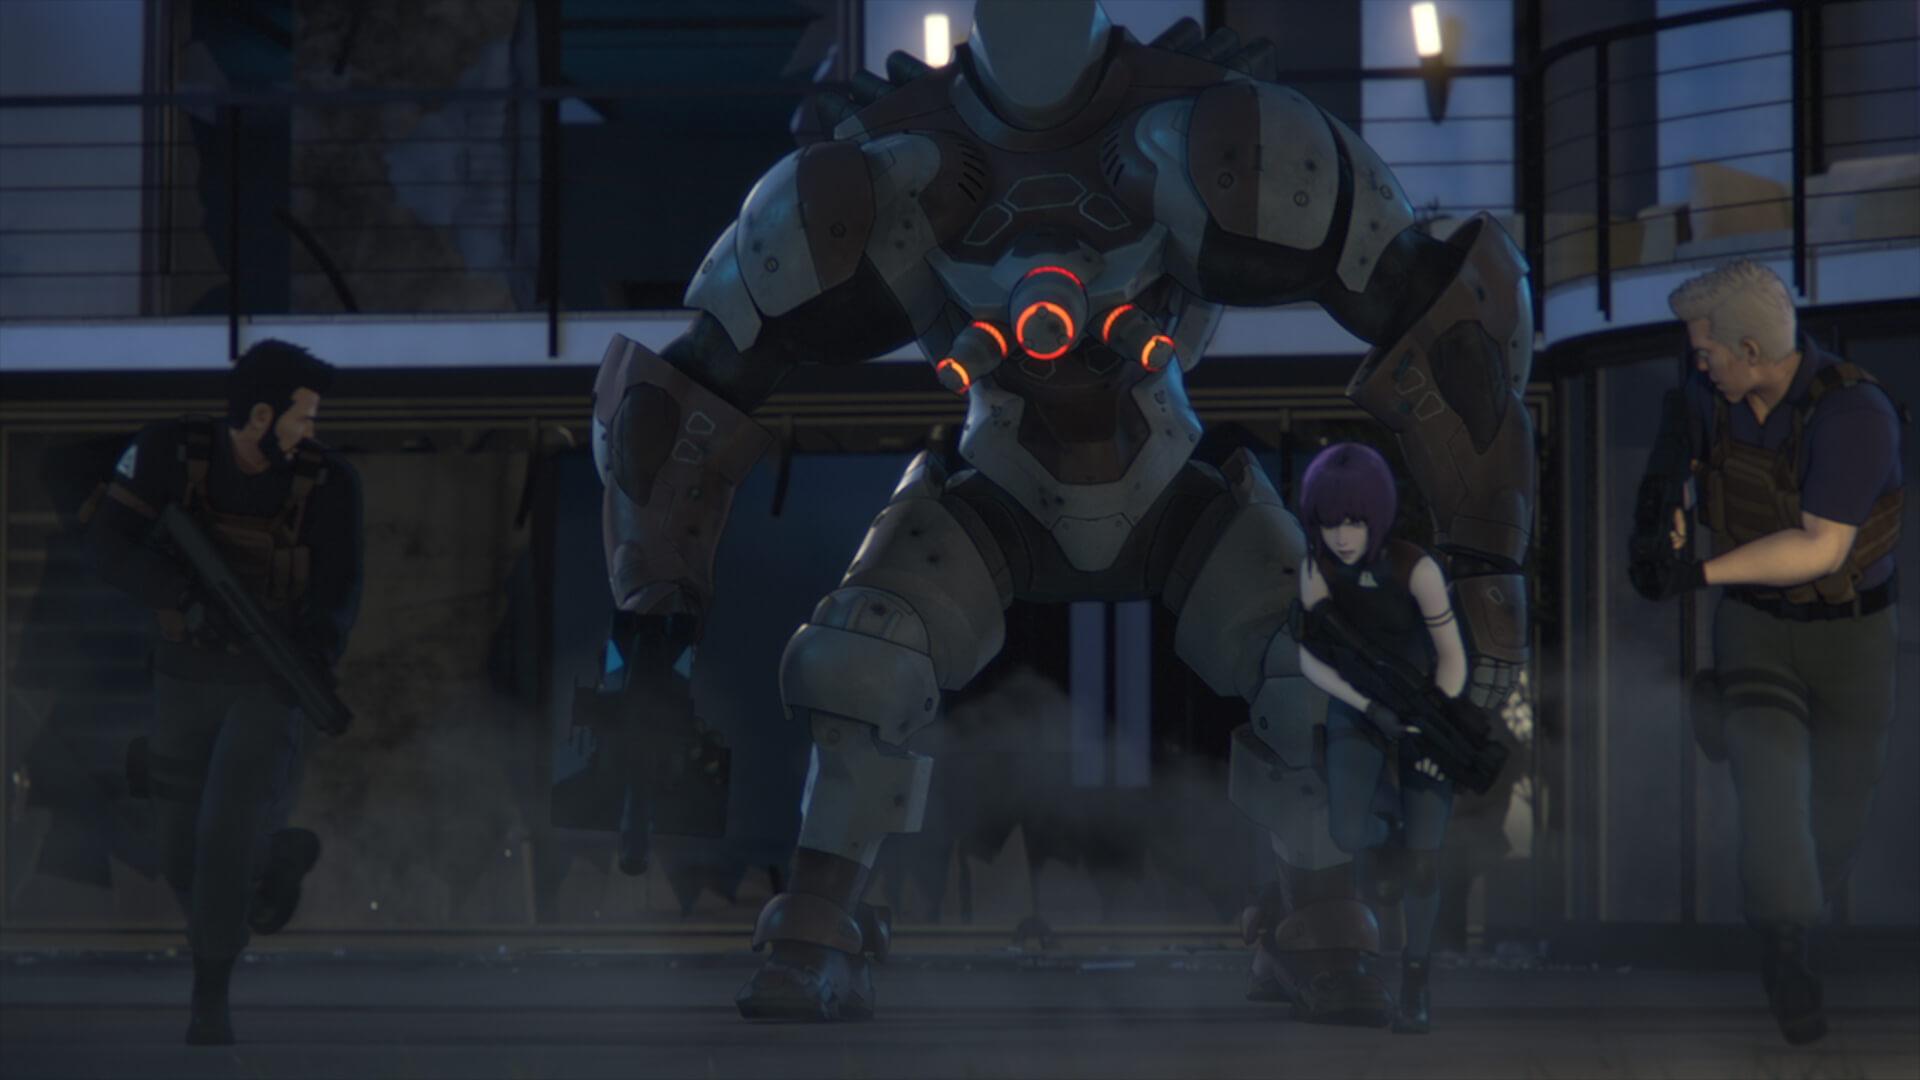 新シーンも収録した『攻殻機動隊 SAC_2045』の劇場版が公開決定!神山健治、荒牧伸志両監督からコメントも film210708_ghostintheshell_8